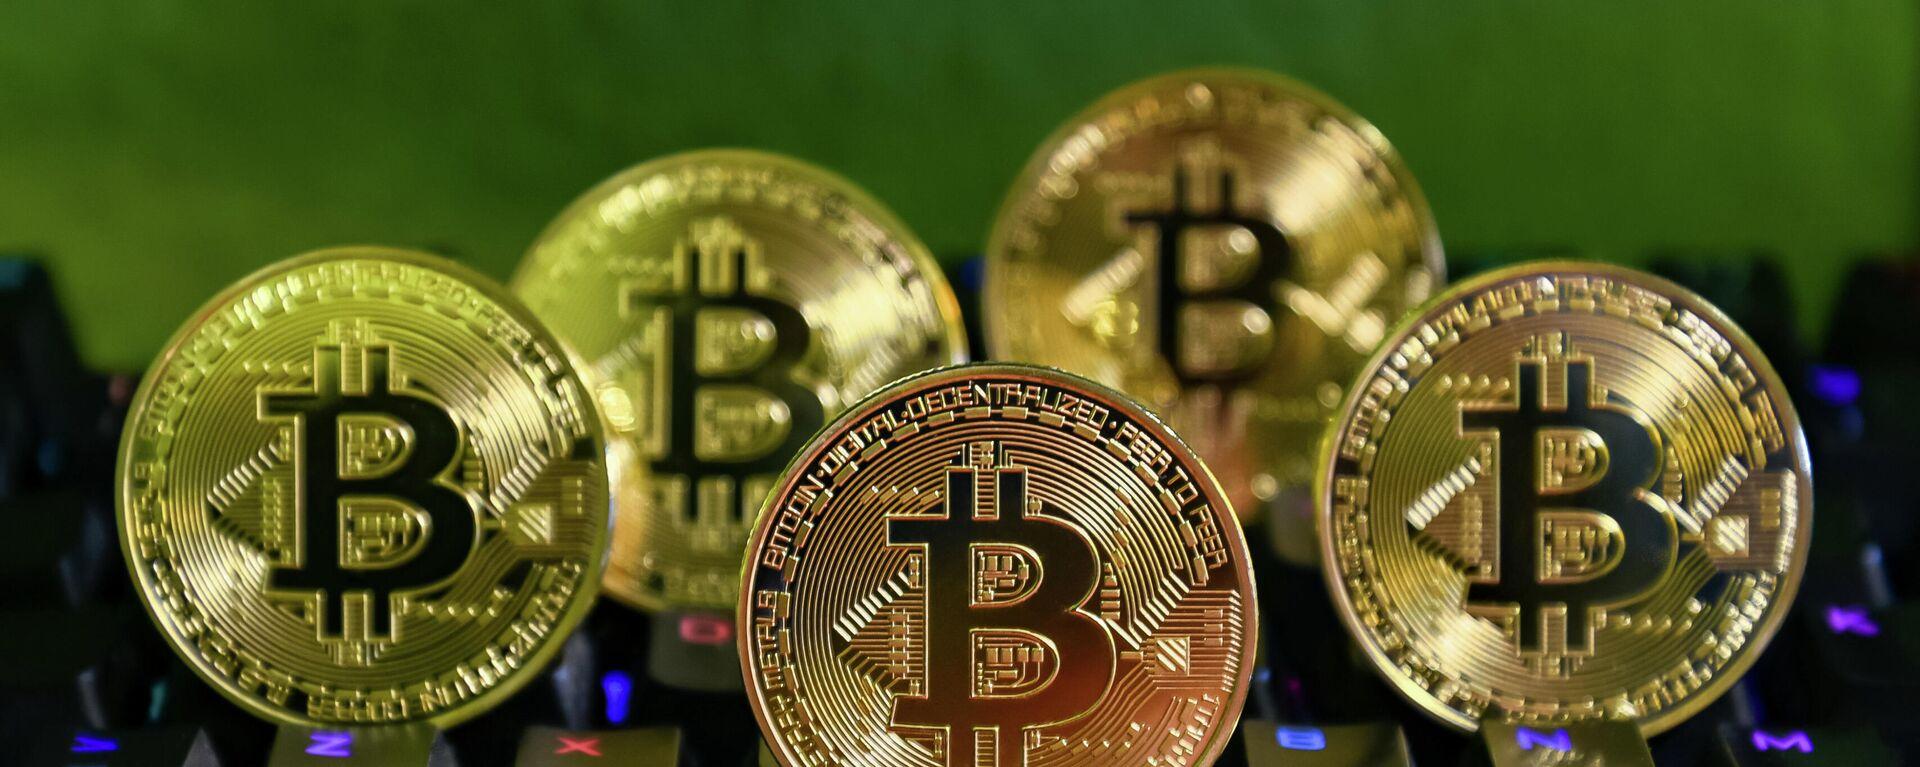 Varias monedas de bitcóin - Sputnik Mundo, 1920, 07.03.2021